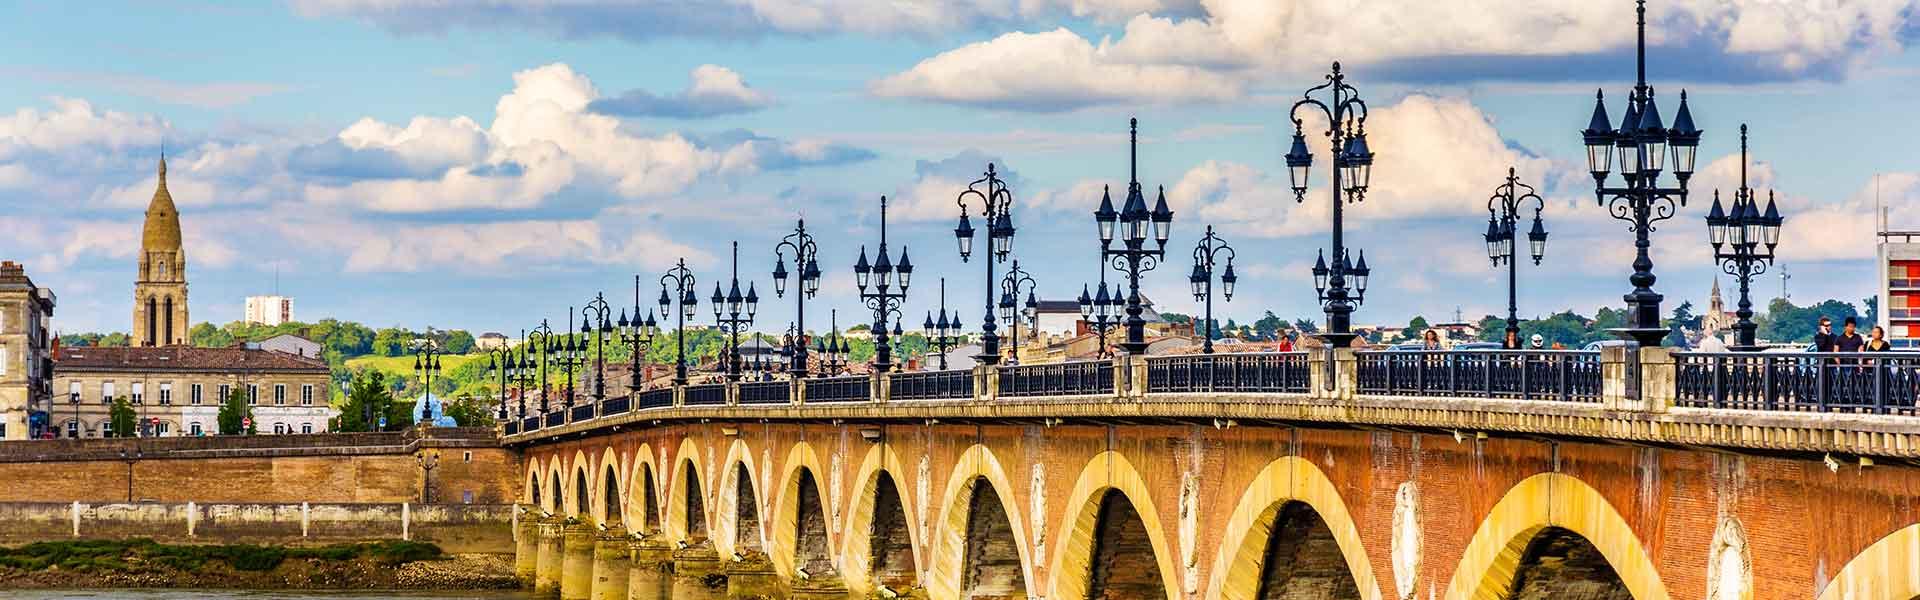 Pont de bordeaux en France